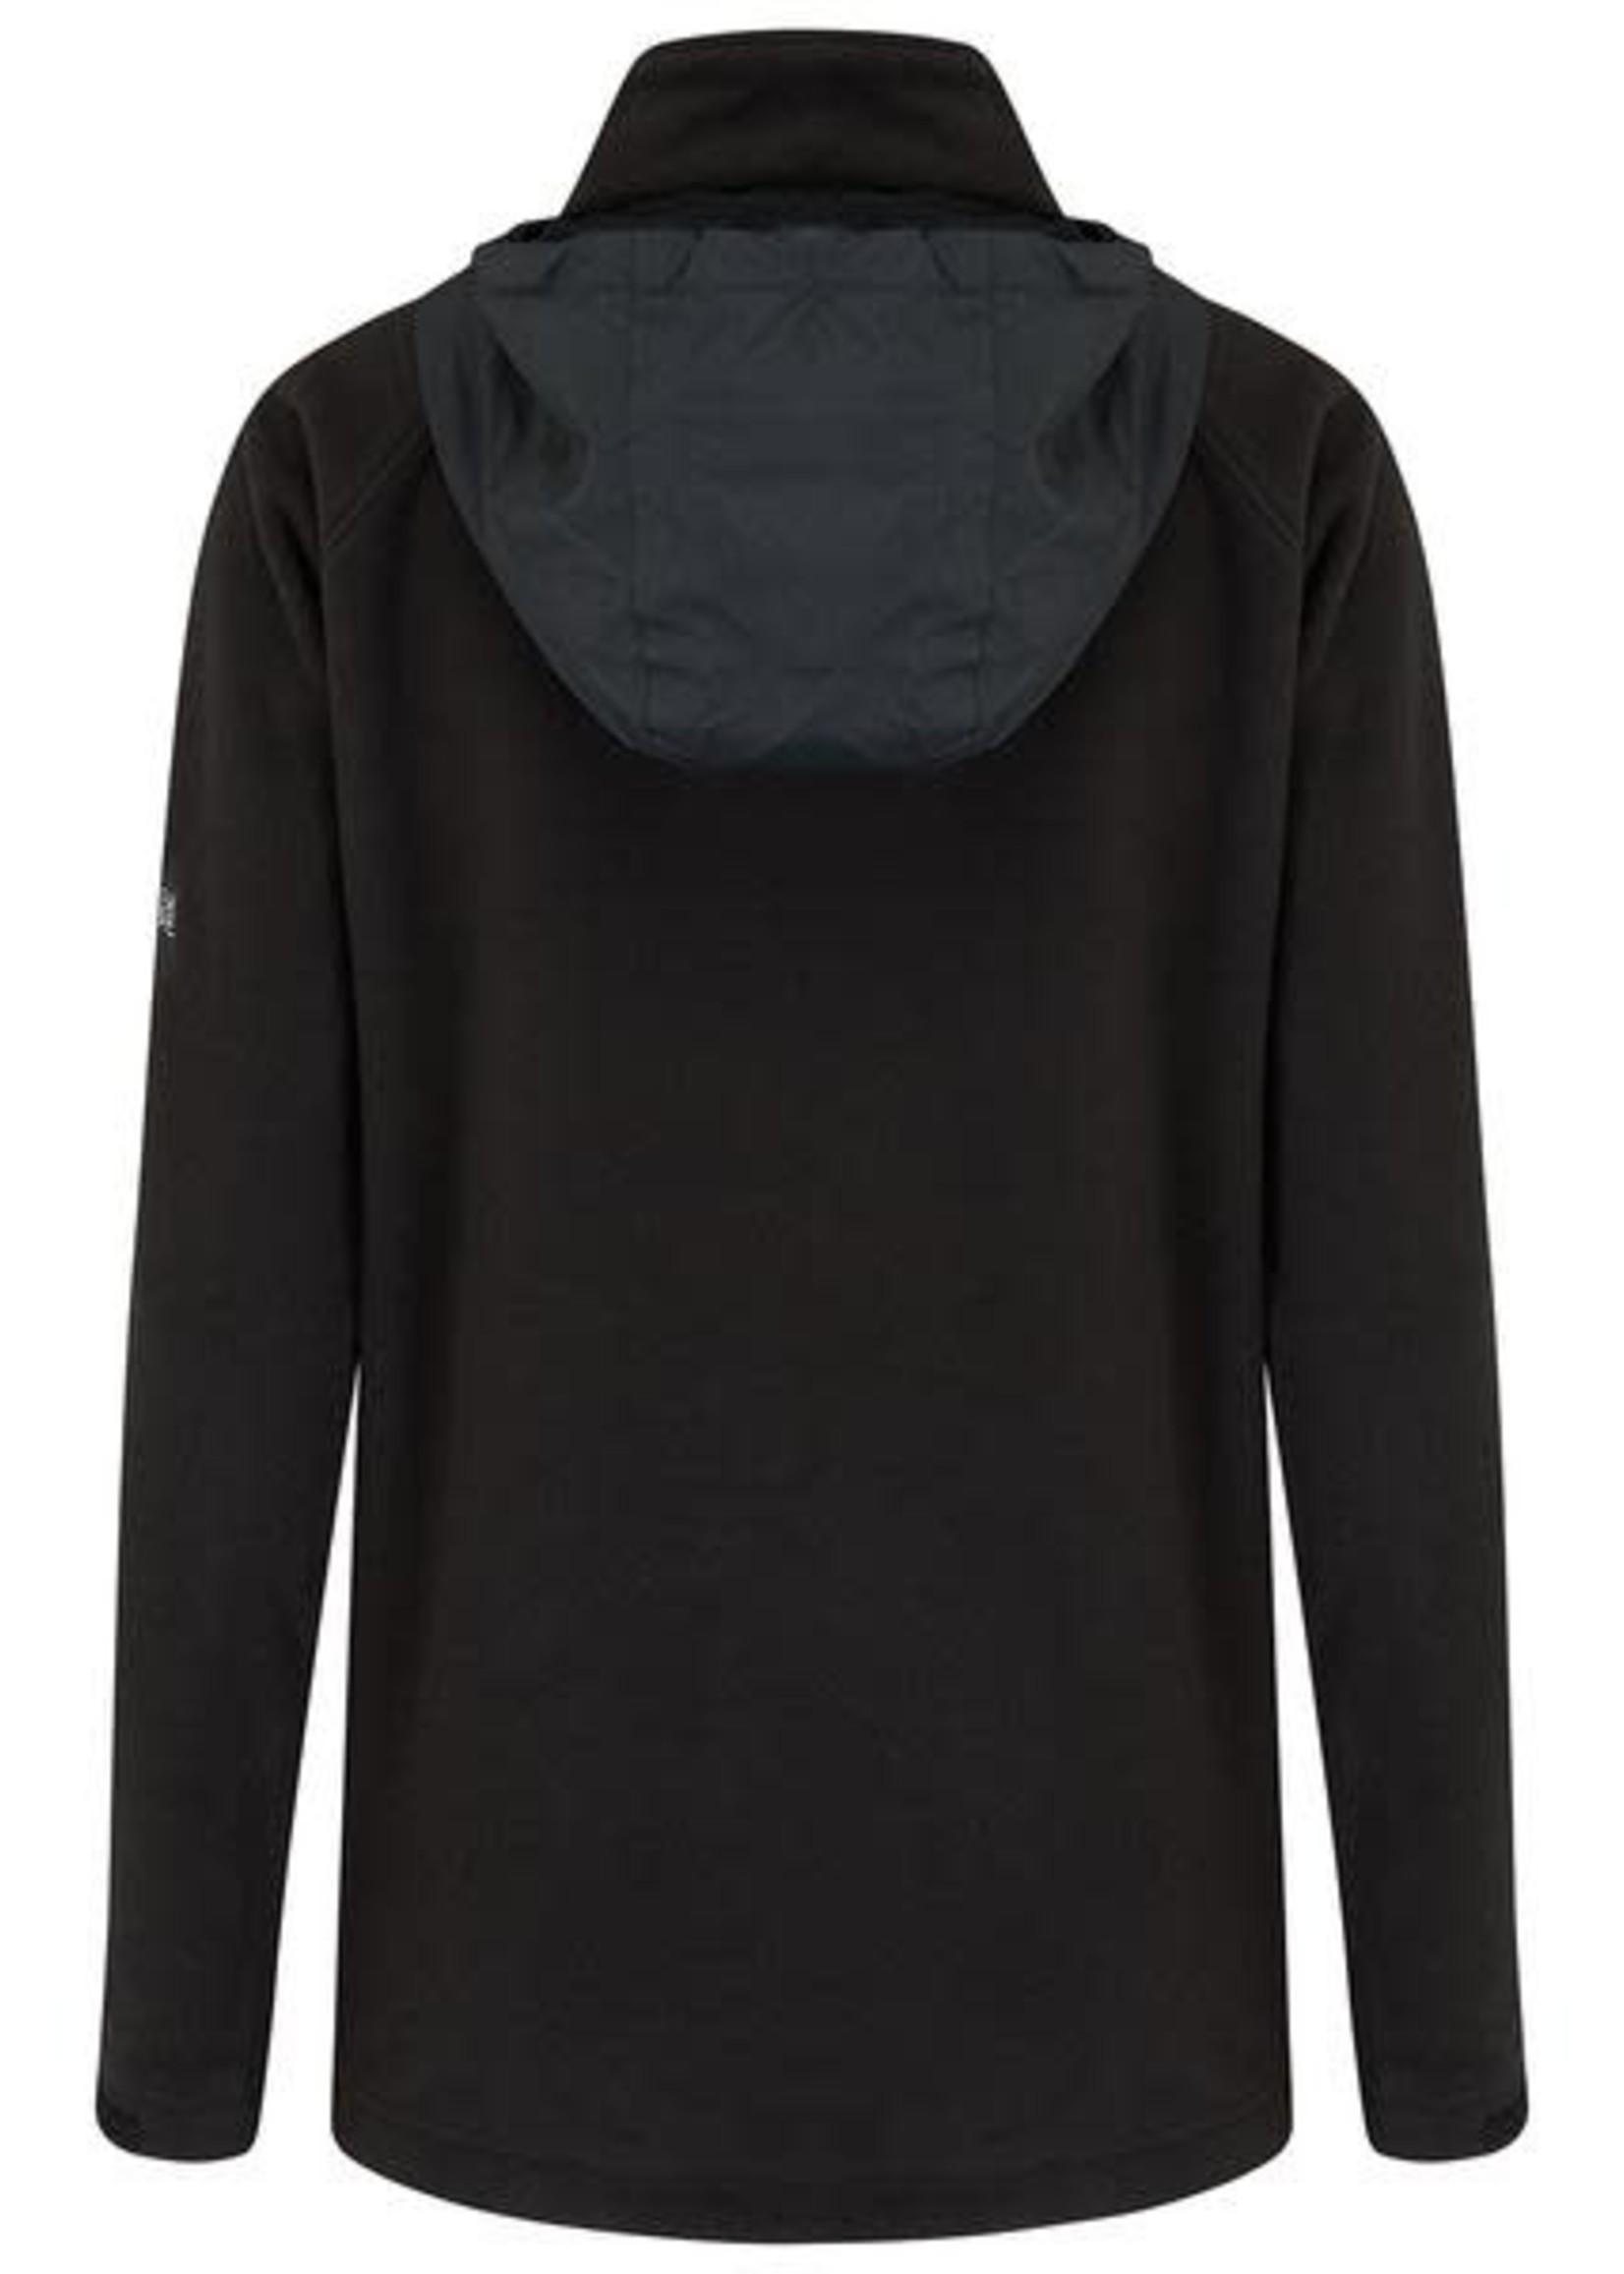 Target Dry Target Dry - Arctic Ladies Waterproof Fleece (2021) - Black